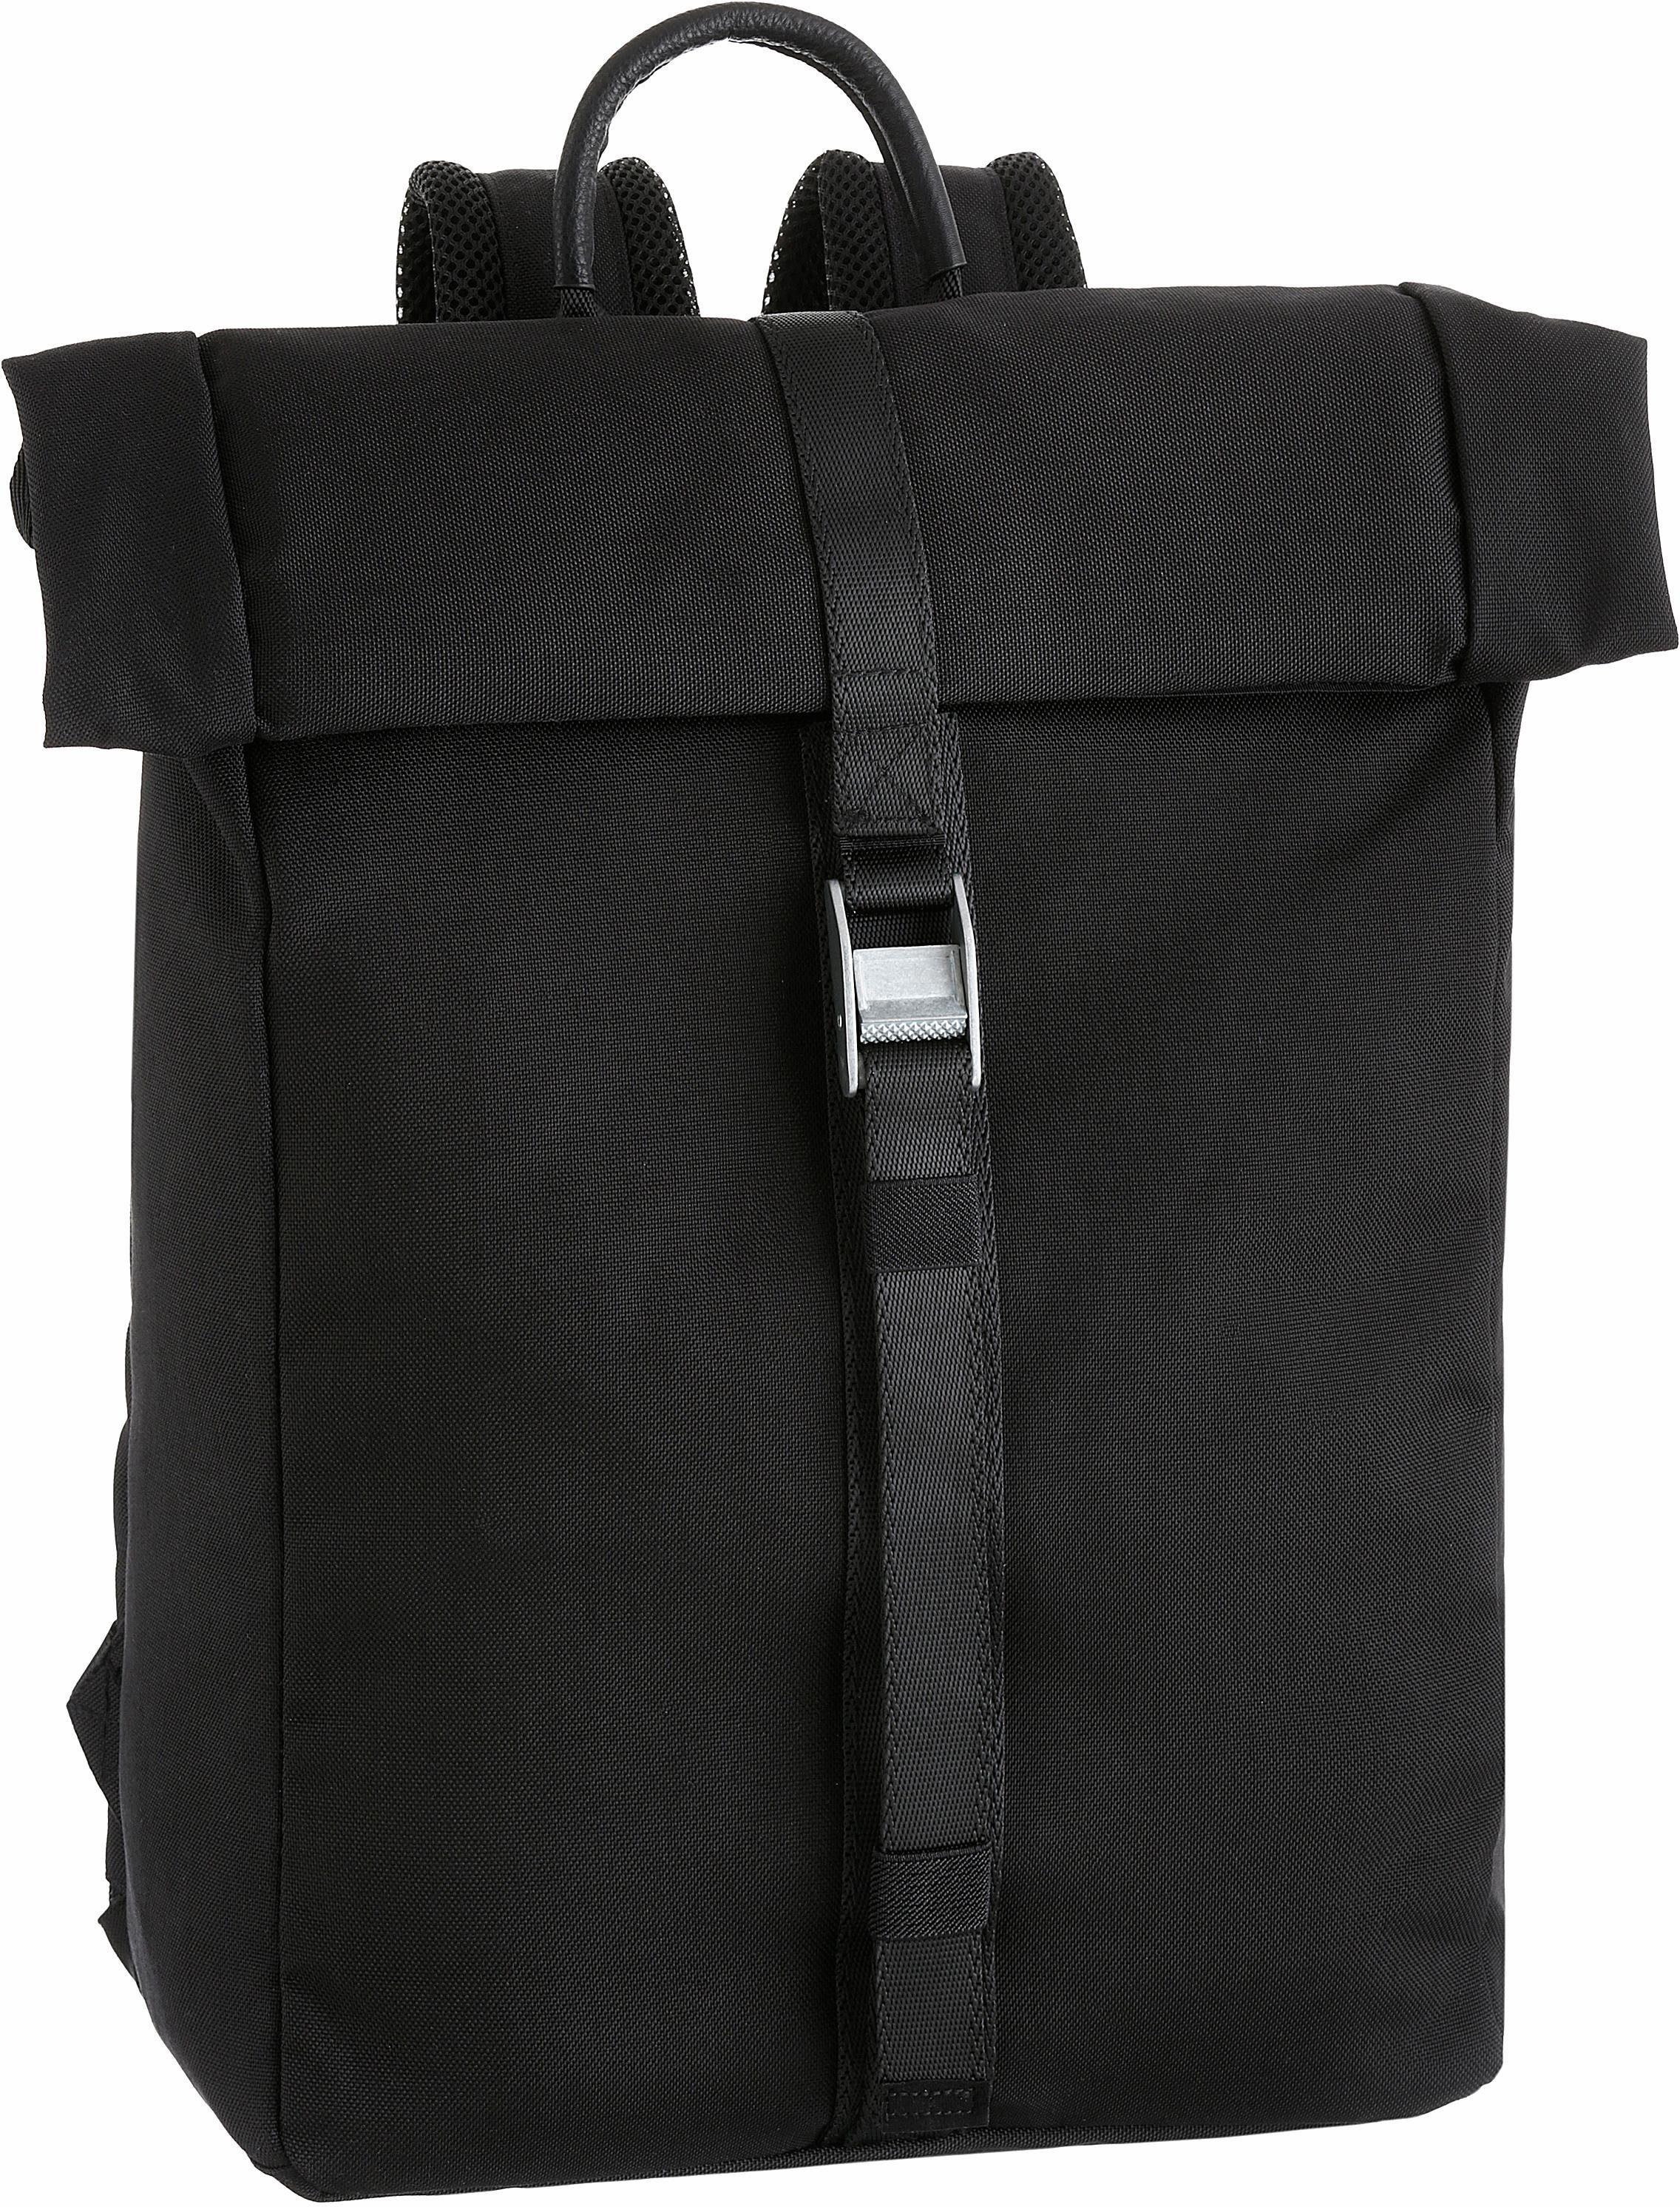 CARGO Kurrierrucksack mit 15-Zoll Laptopfach, »Cargo 101, schwarz«